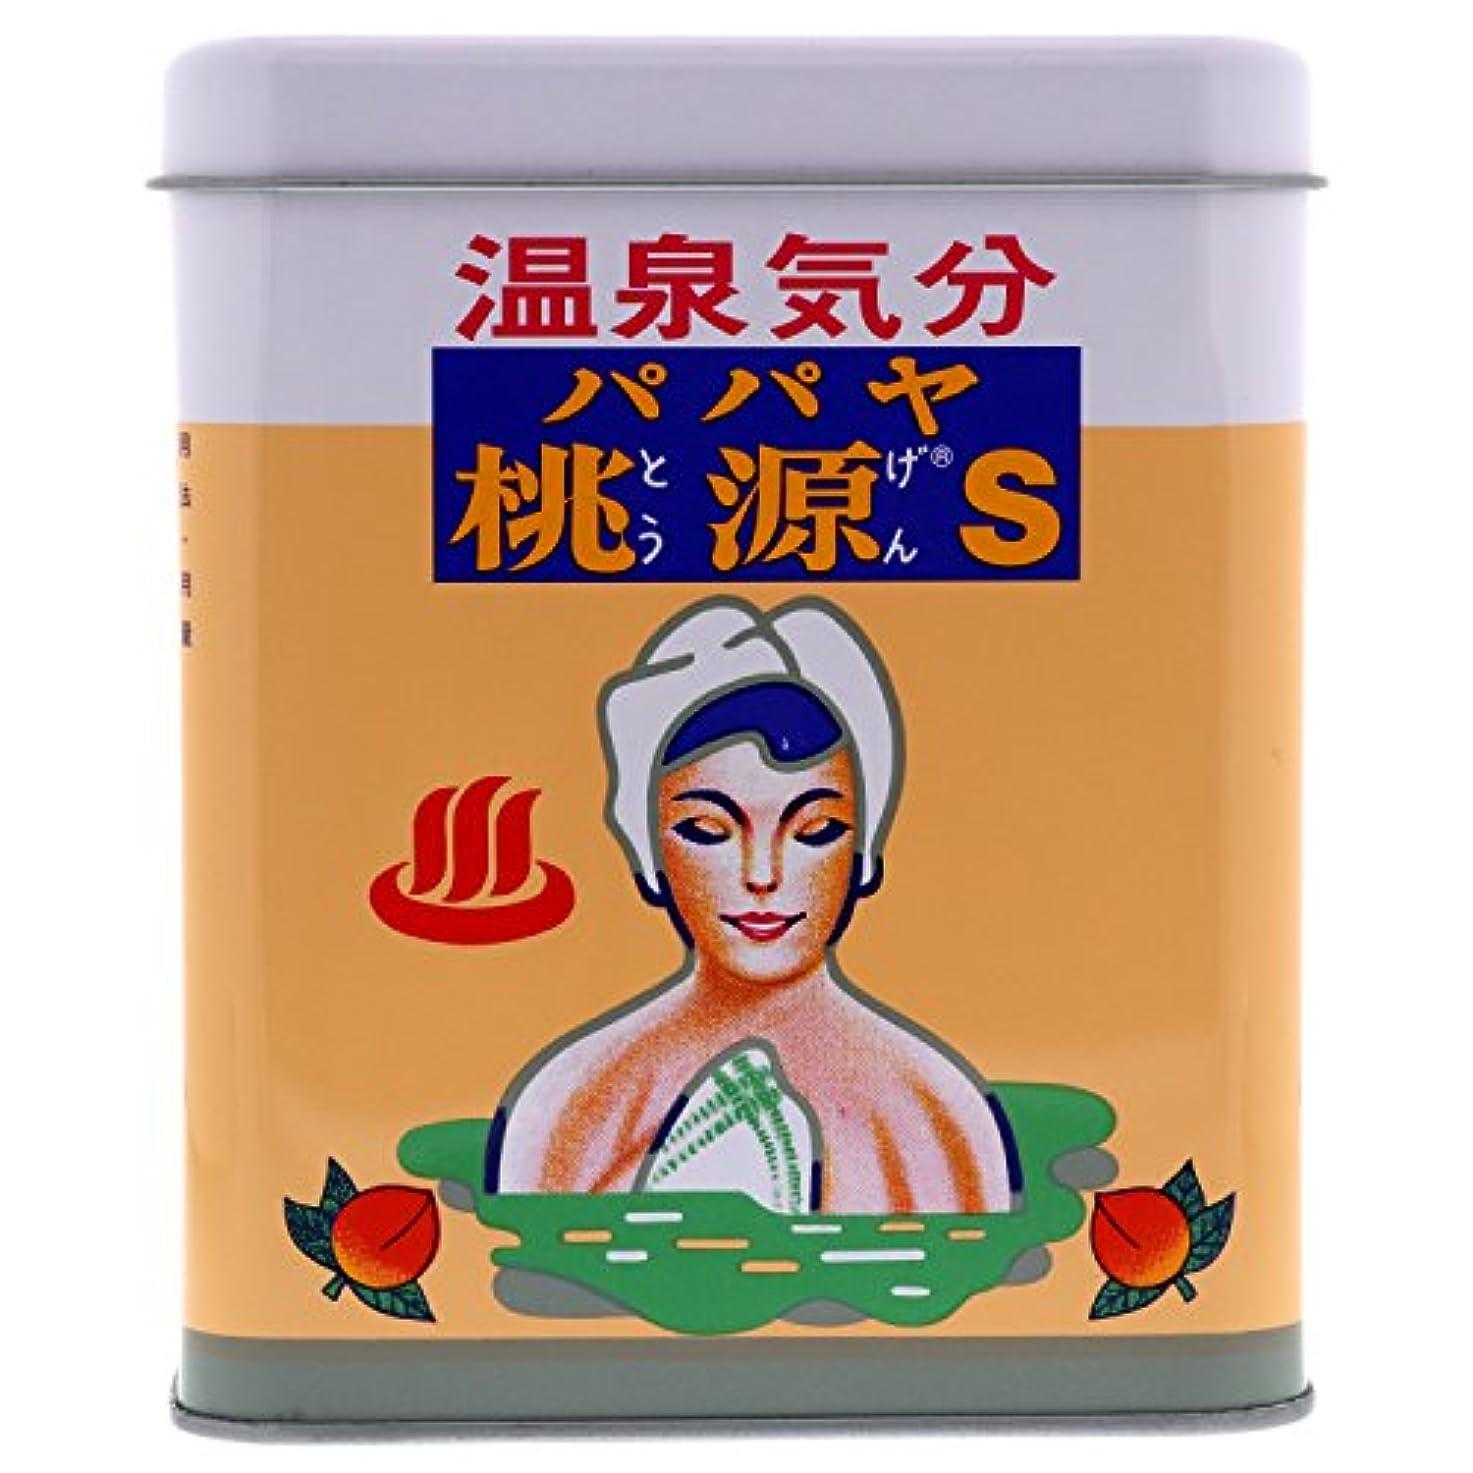 検索フェローシップ十分にパパヤ桃源S 700g 缶 [医薬部外品]